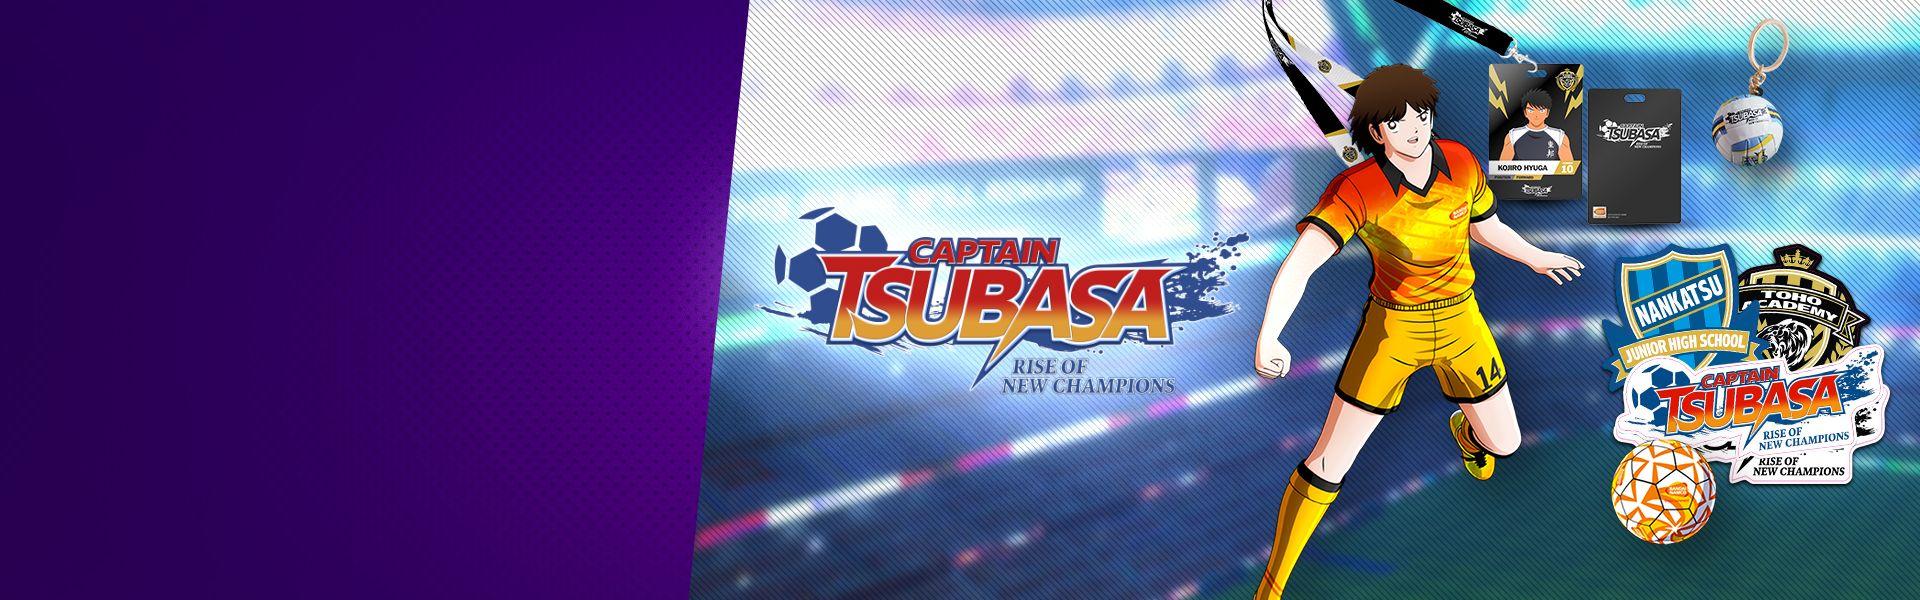 Get your Captain Tsubasa rewards!